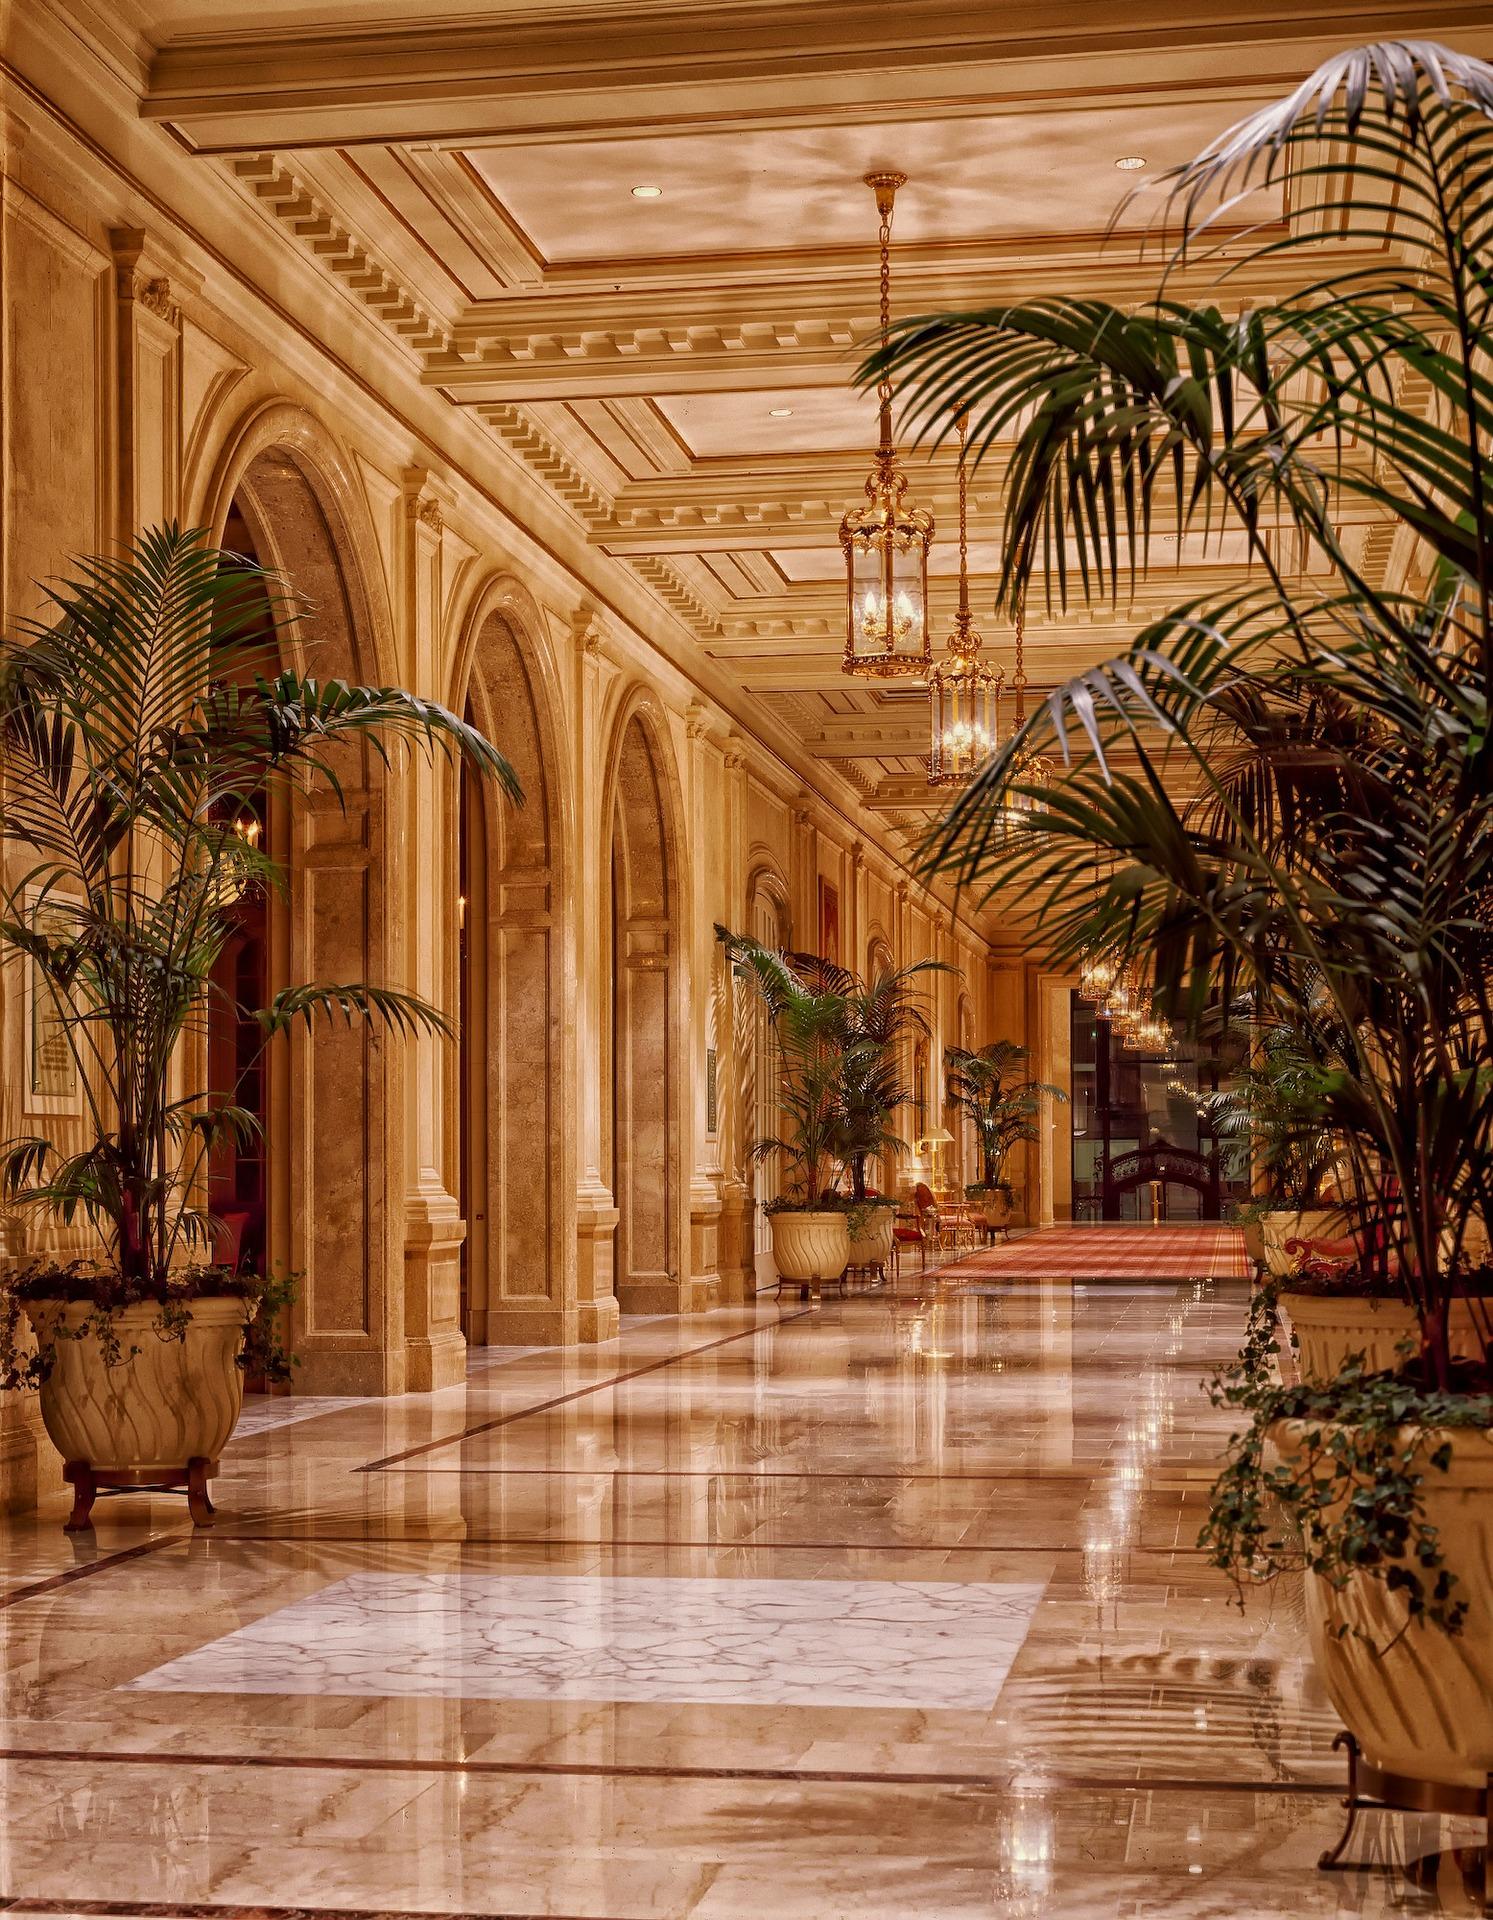 sheraton-palace-hotel-398845_1920